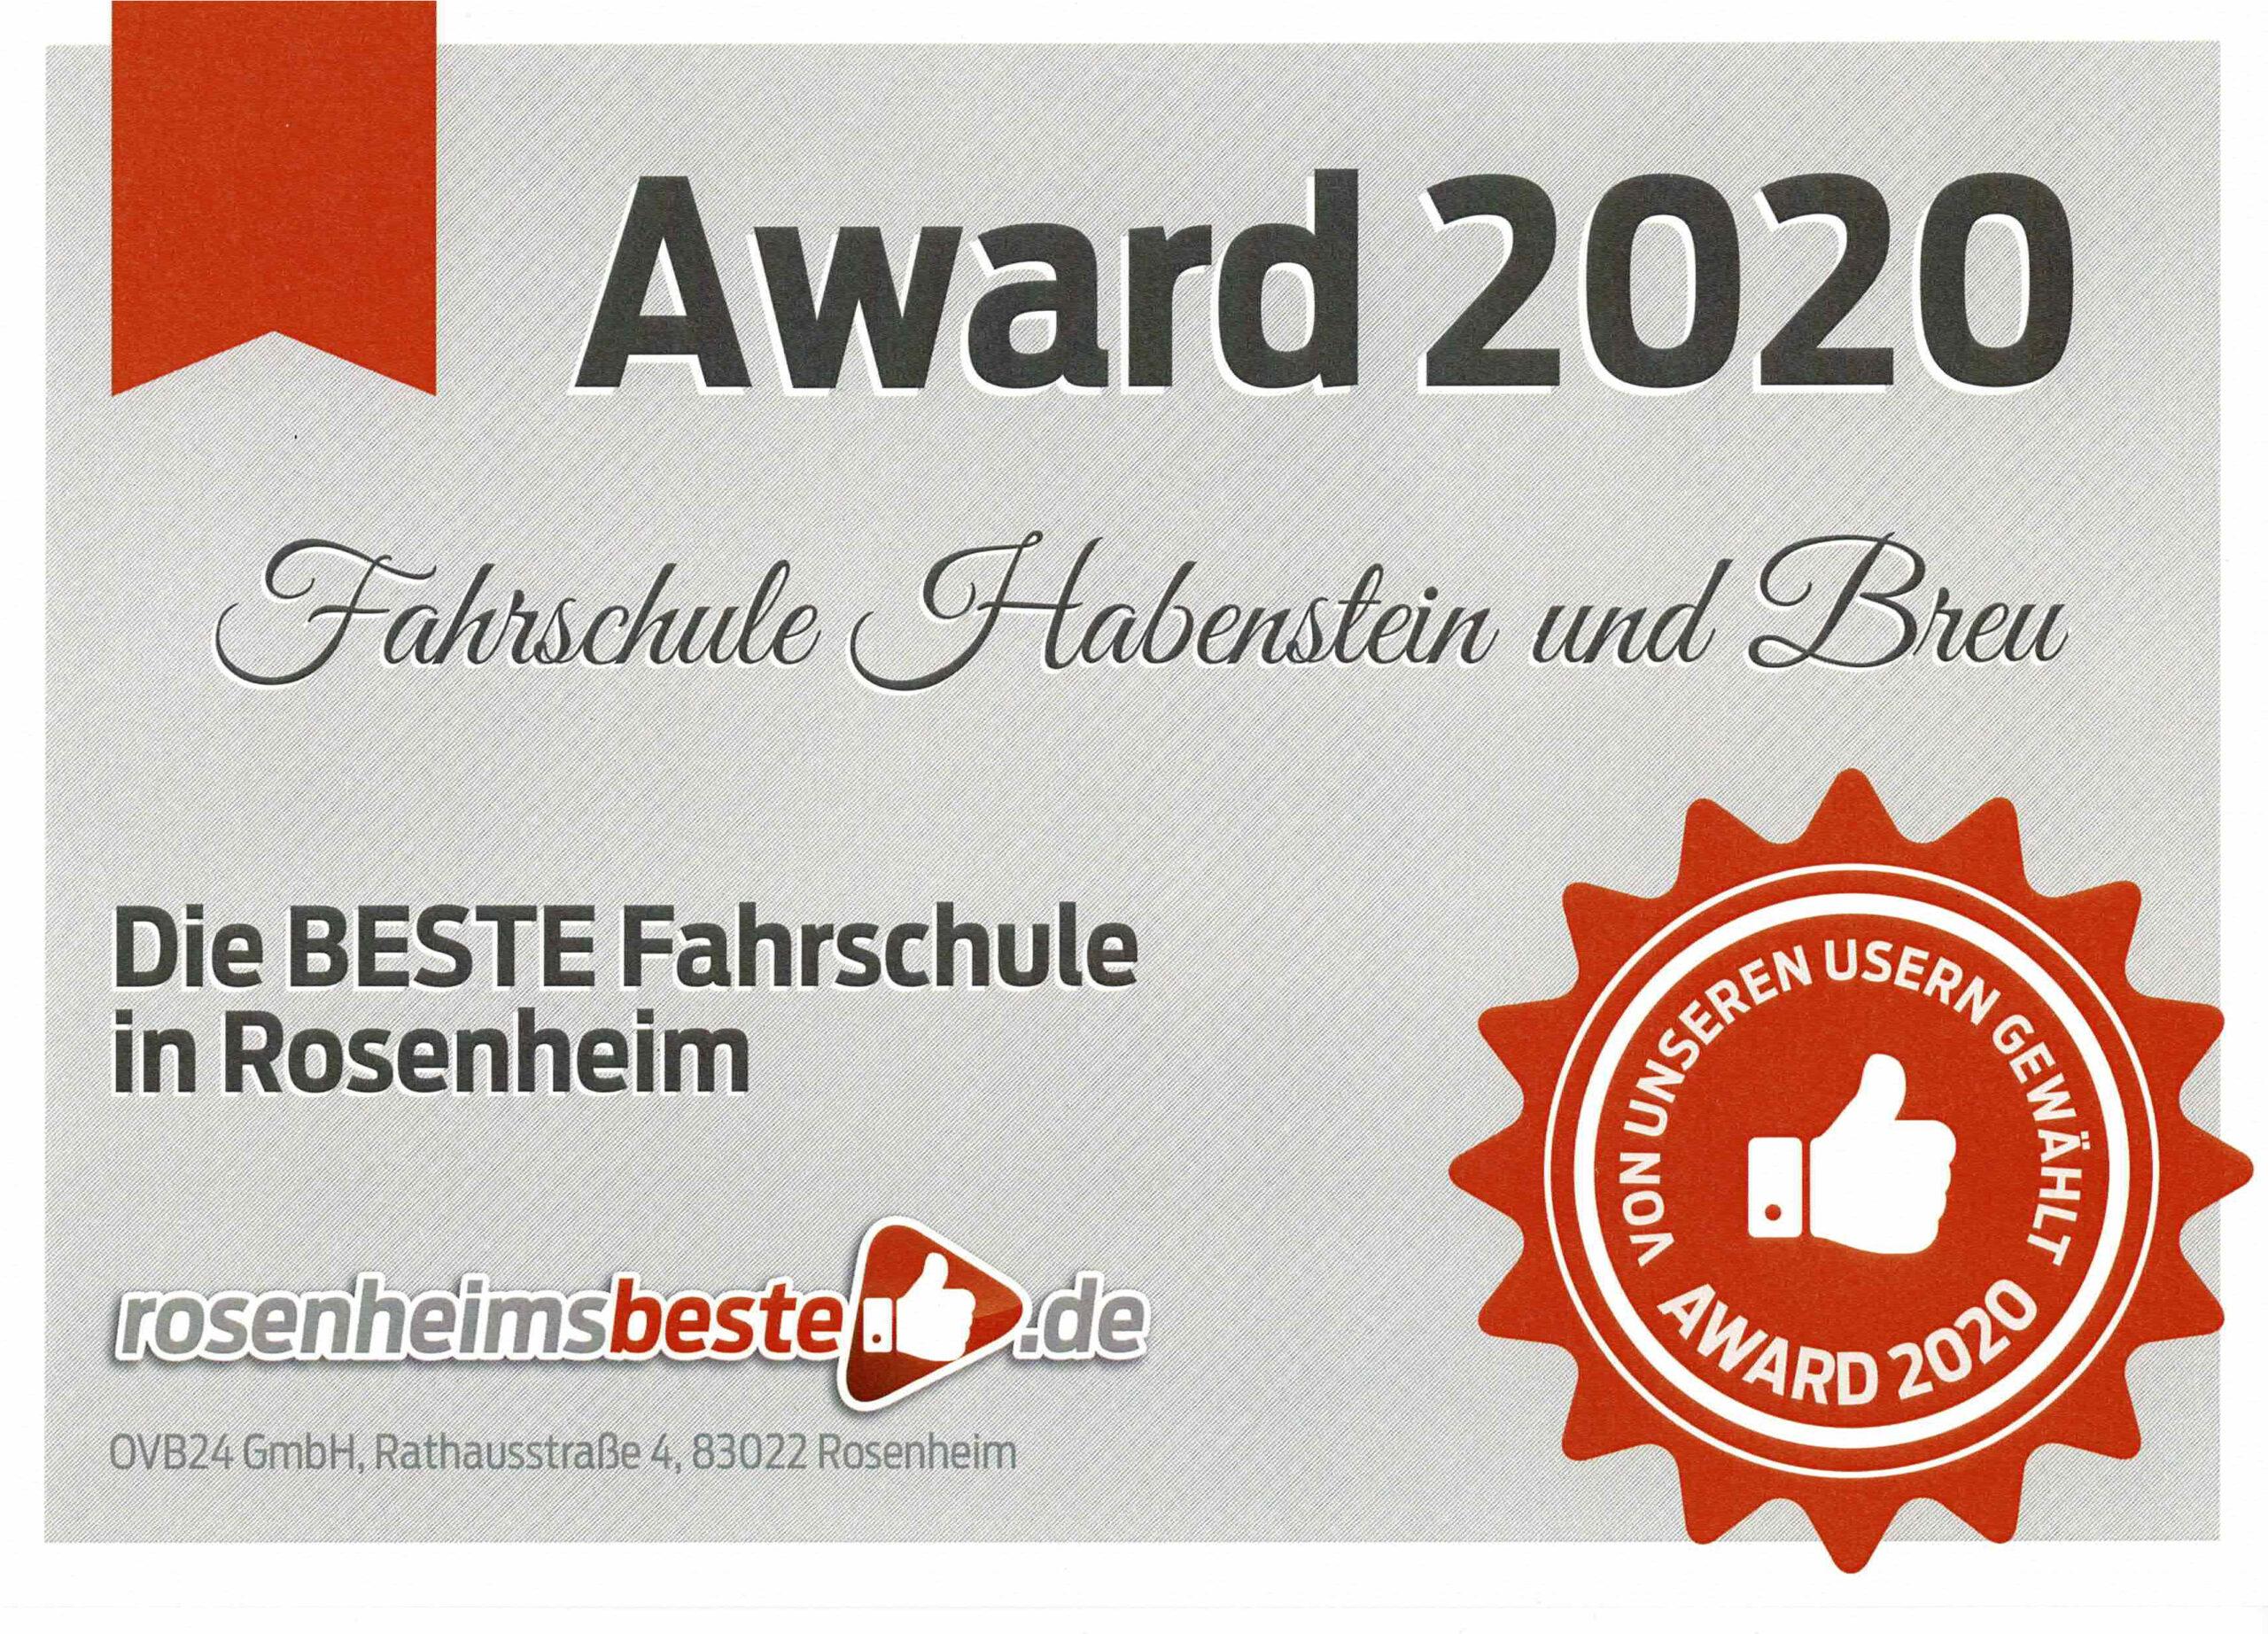 Rosenheims Beste Fahrschule 2020